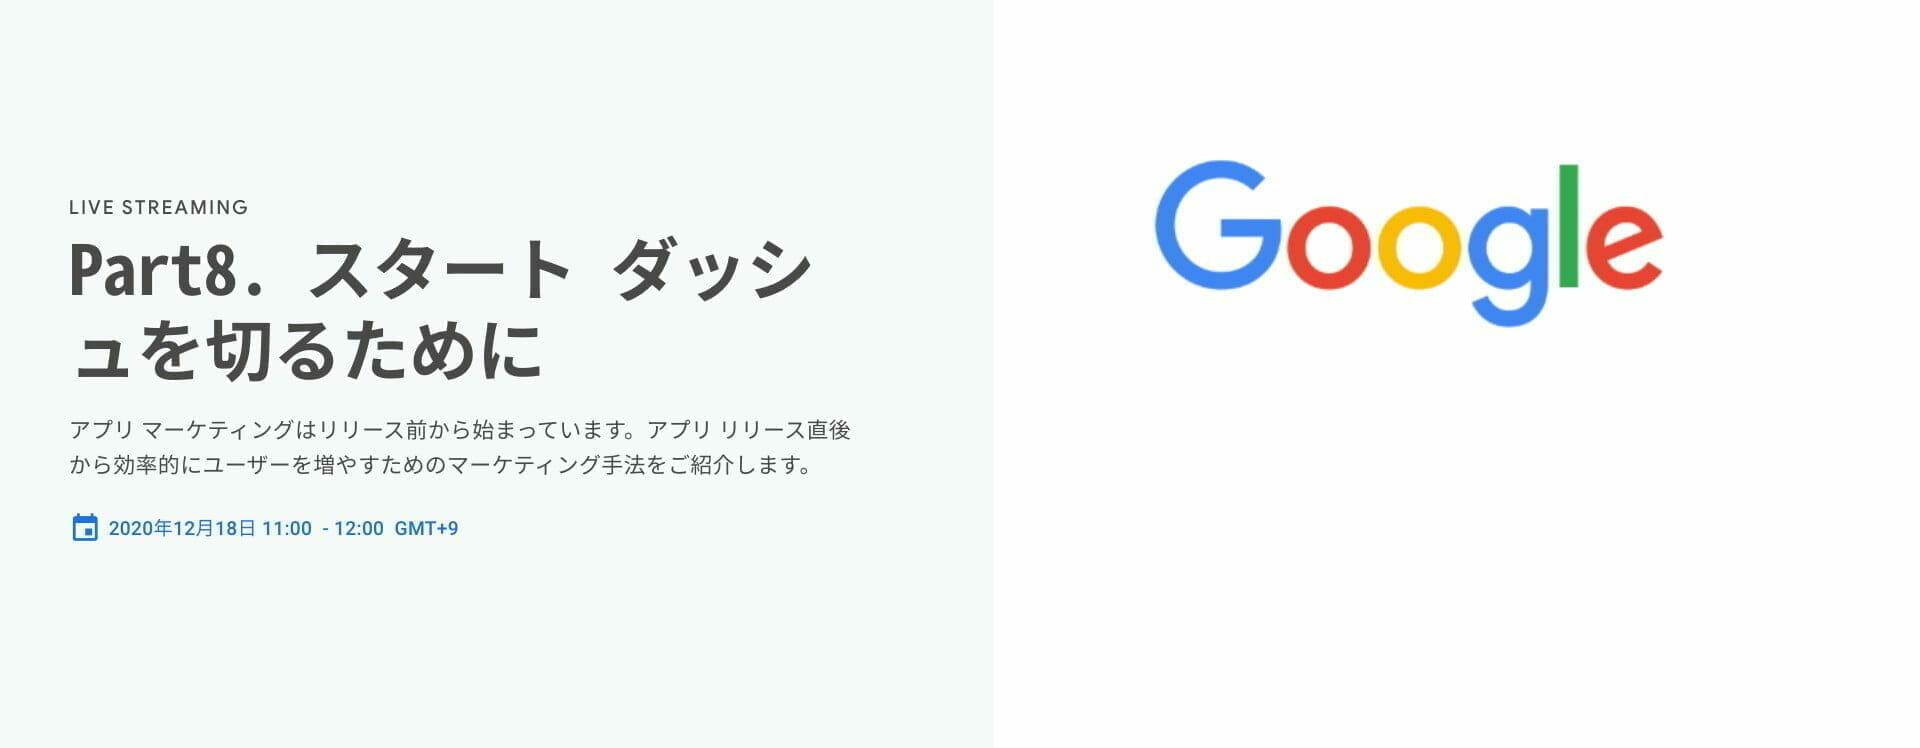 [Google 広告] Part8. スタート ダッシュを切るために